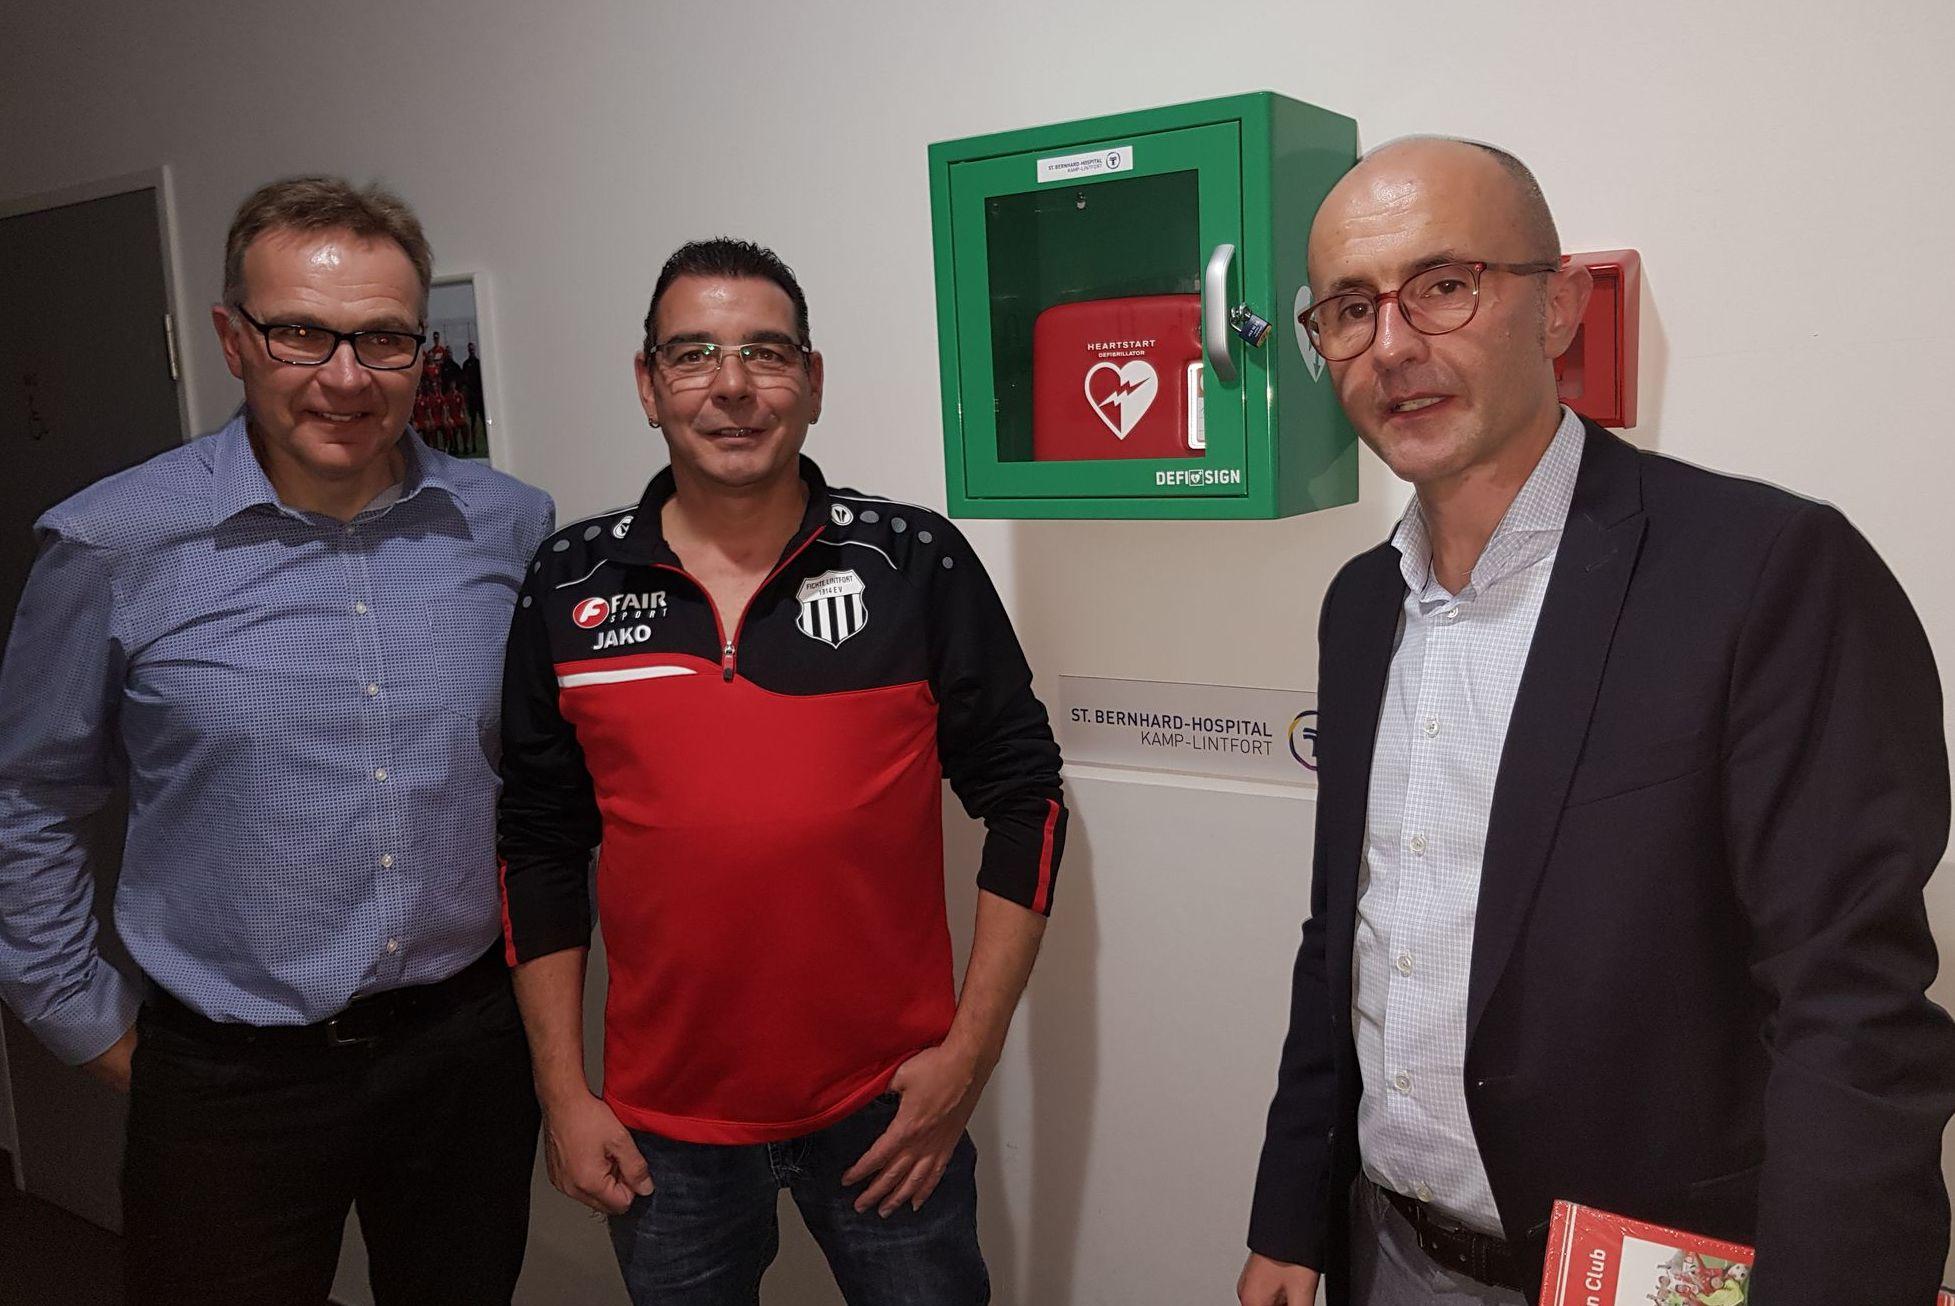 St. Bernhard spendet Defibrillator